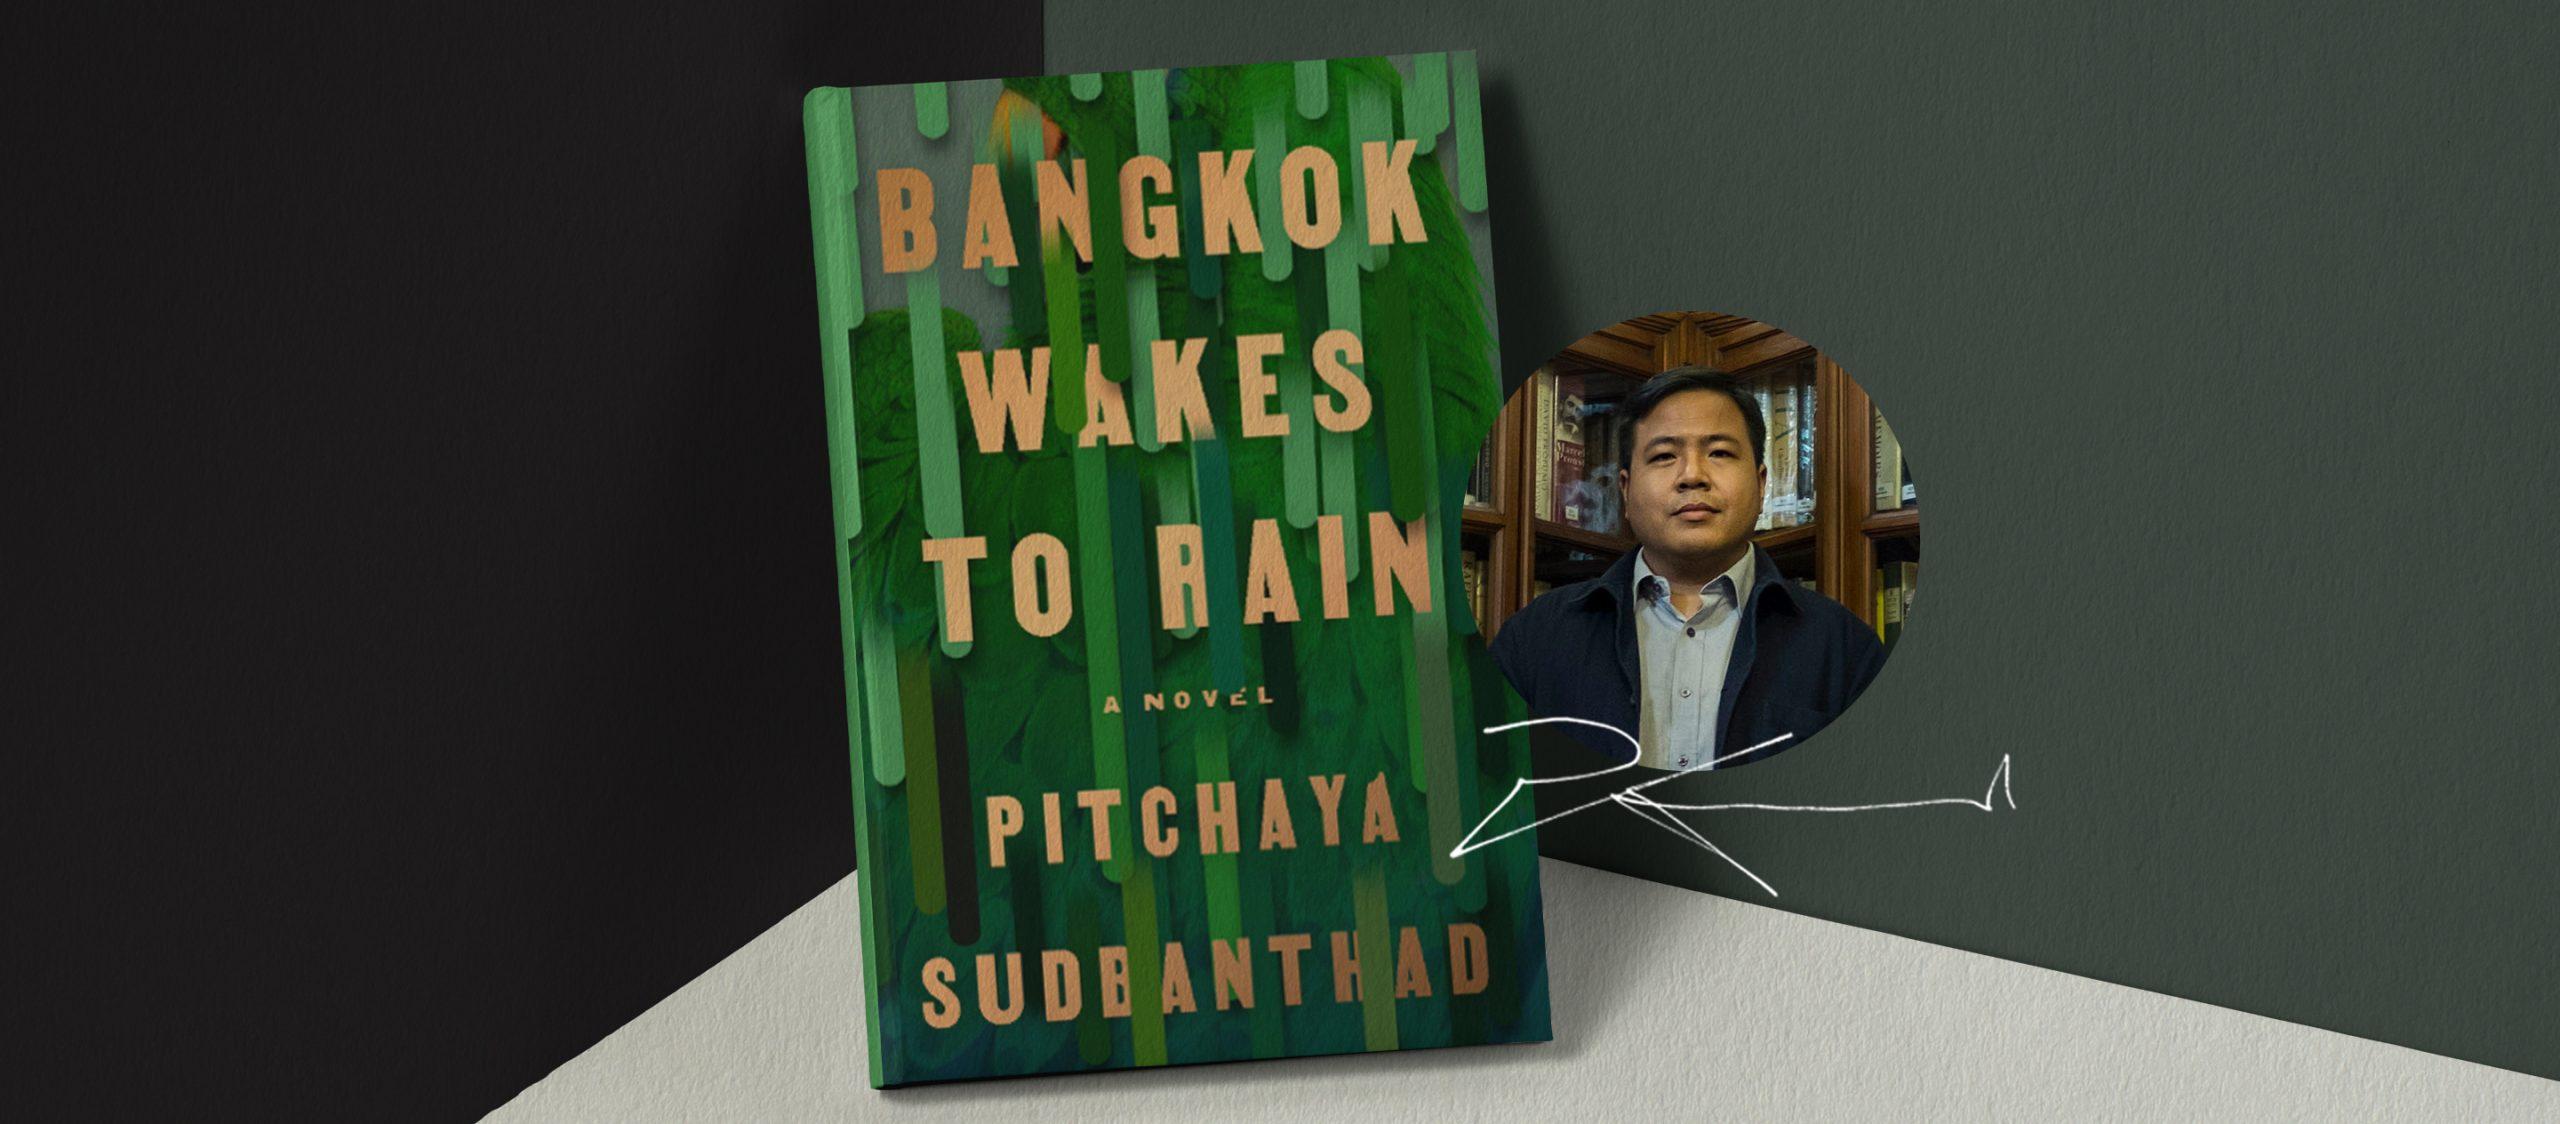 """""""อ่านเยอะๆ นั่งลง แล้วเขียน"""" พิชญ สุดบรรทัด นักเขียนชาวไทยผู้อยู่ในภาวะกึ่งกลางบนพื้นที่วรรณกรรมโลก"""